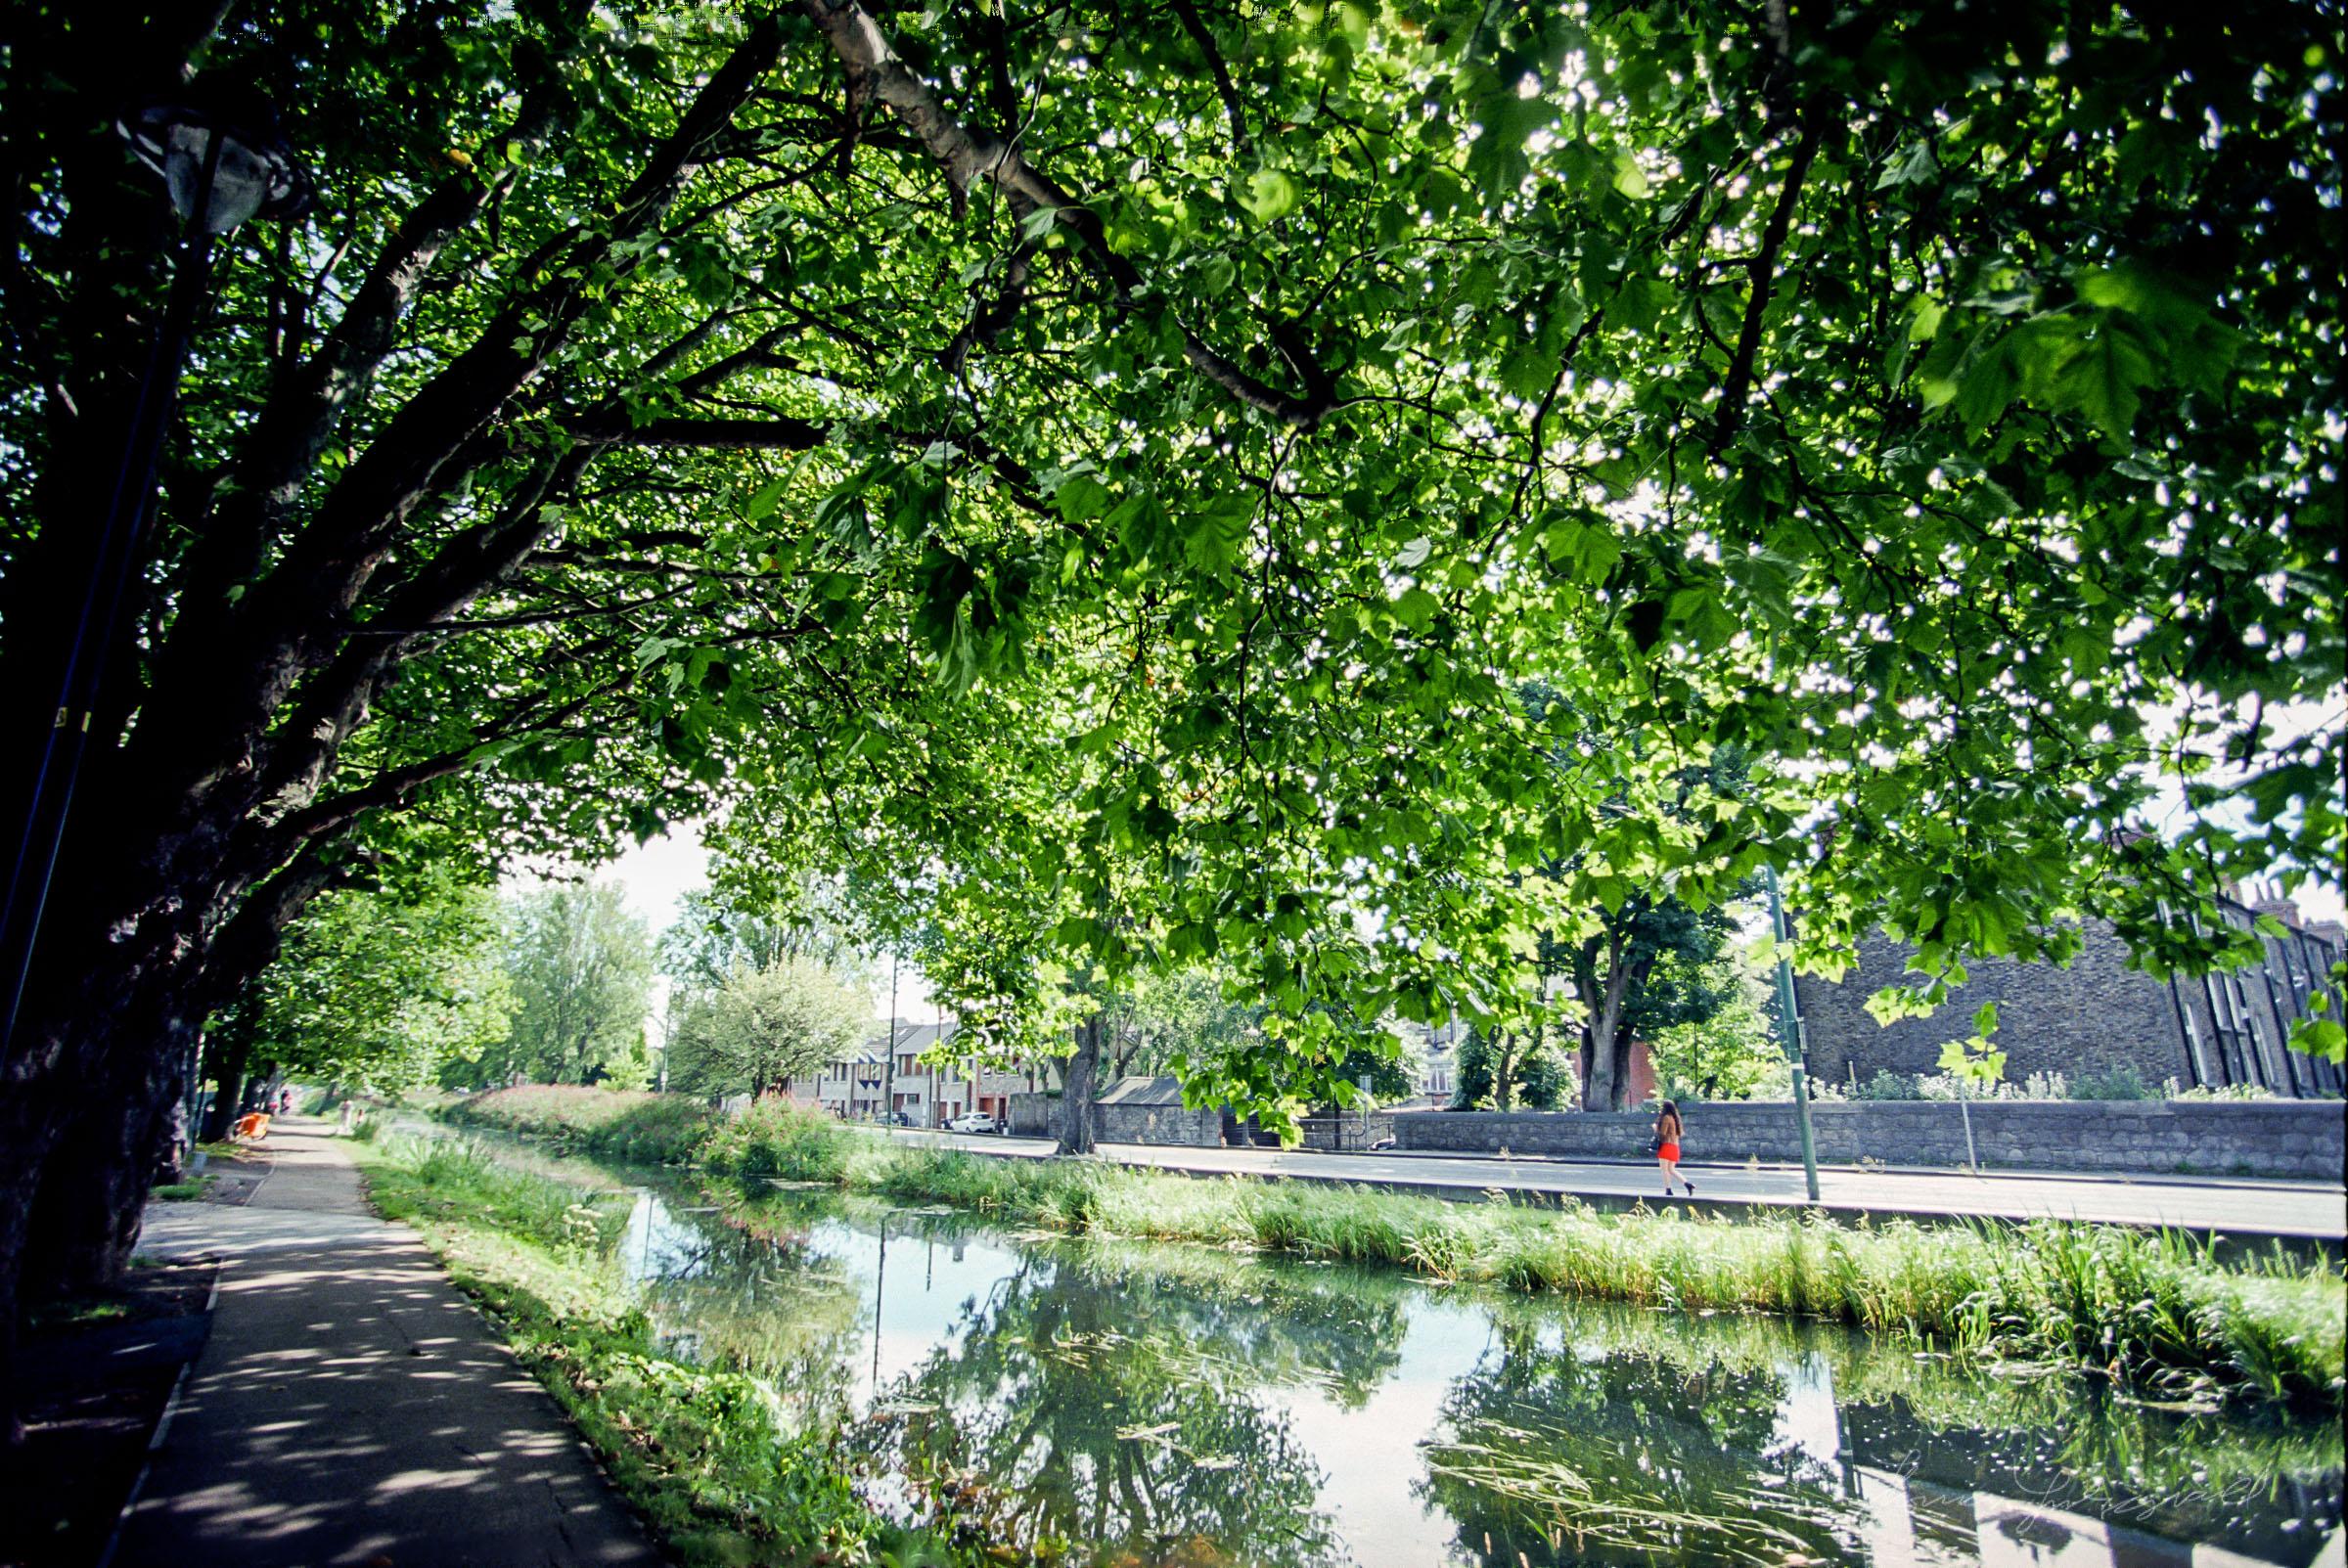 Canal in Dublin - Kodak Ektar